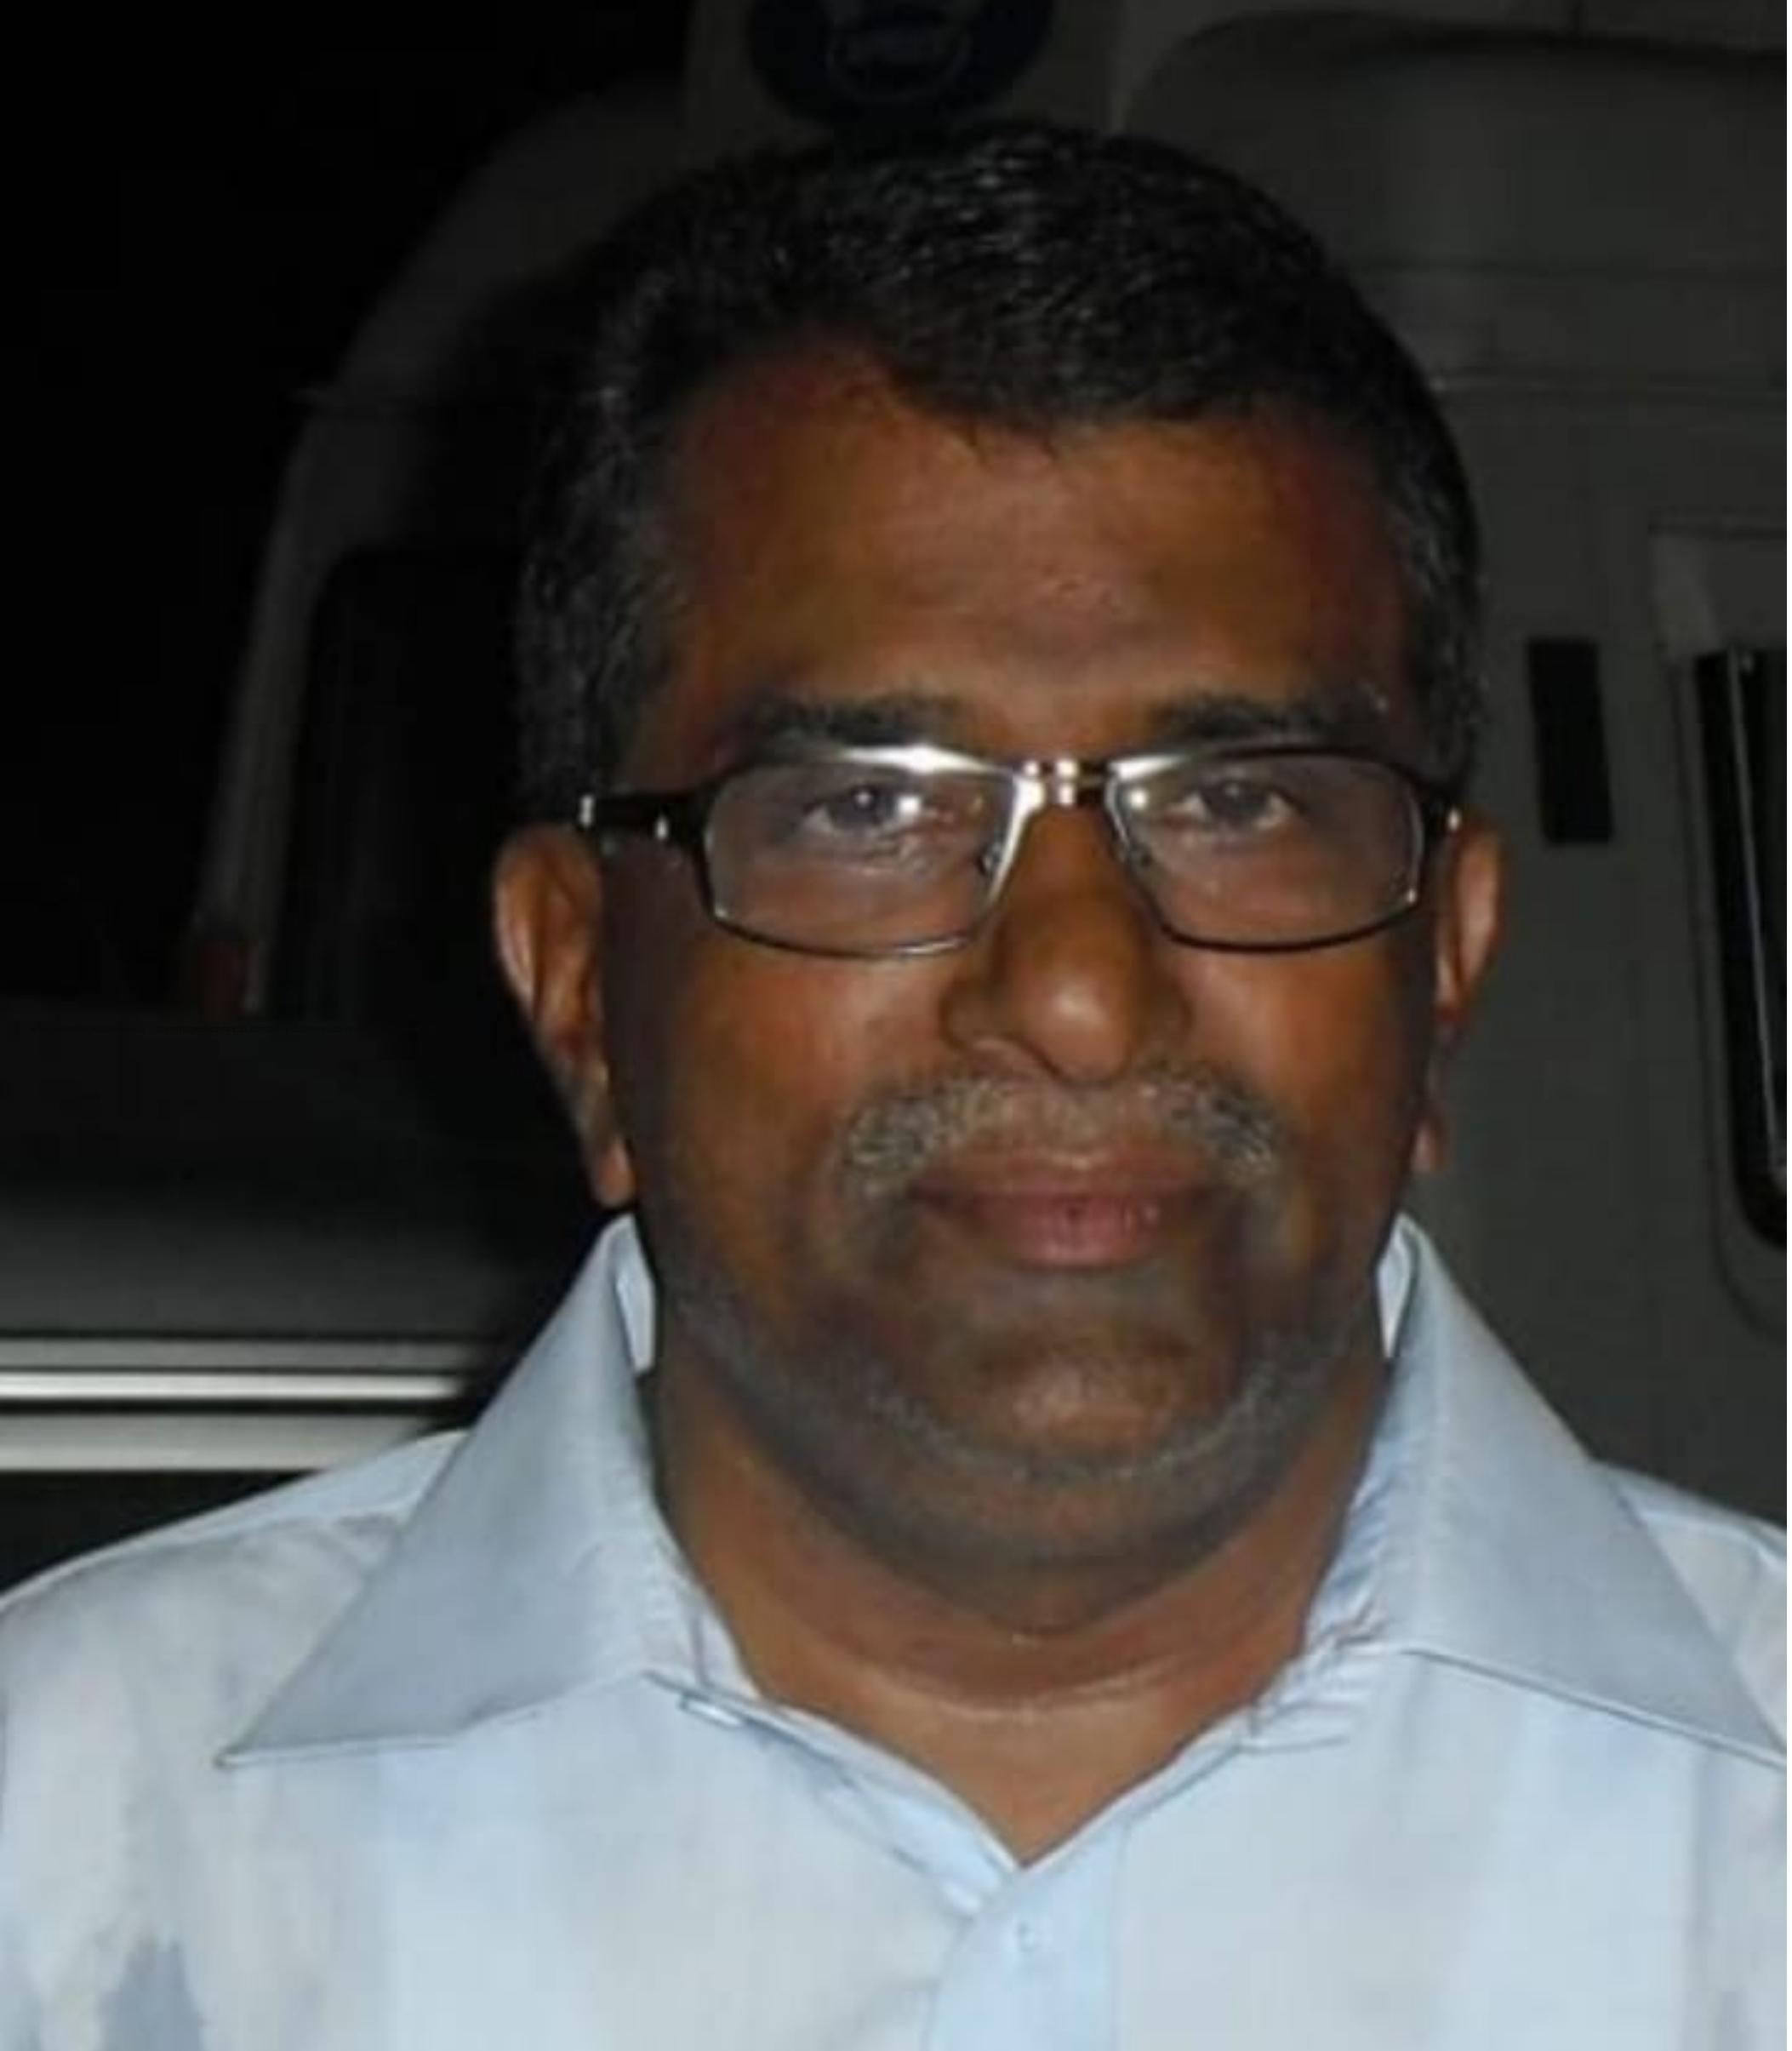 Photo of മൂവാറ്റുപുഴ കാവുങ്കര തെറ്റിലമാരിയിൽ TPK കൊച്ചുമുഹമ്മദ് (65) മരണപ്പെട്ടു.